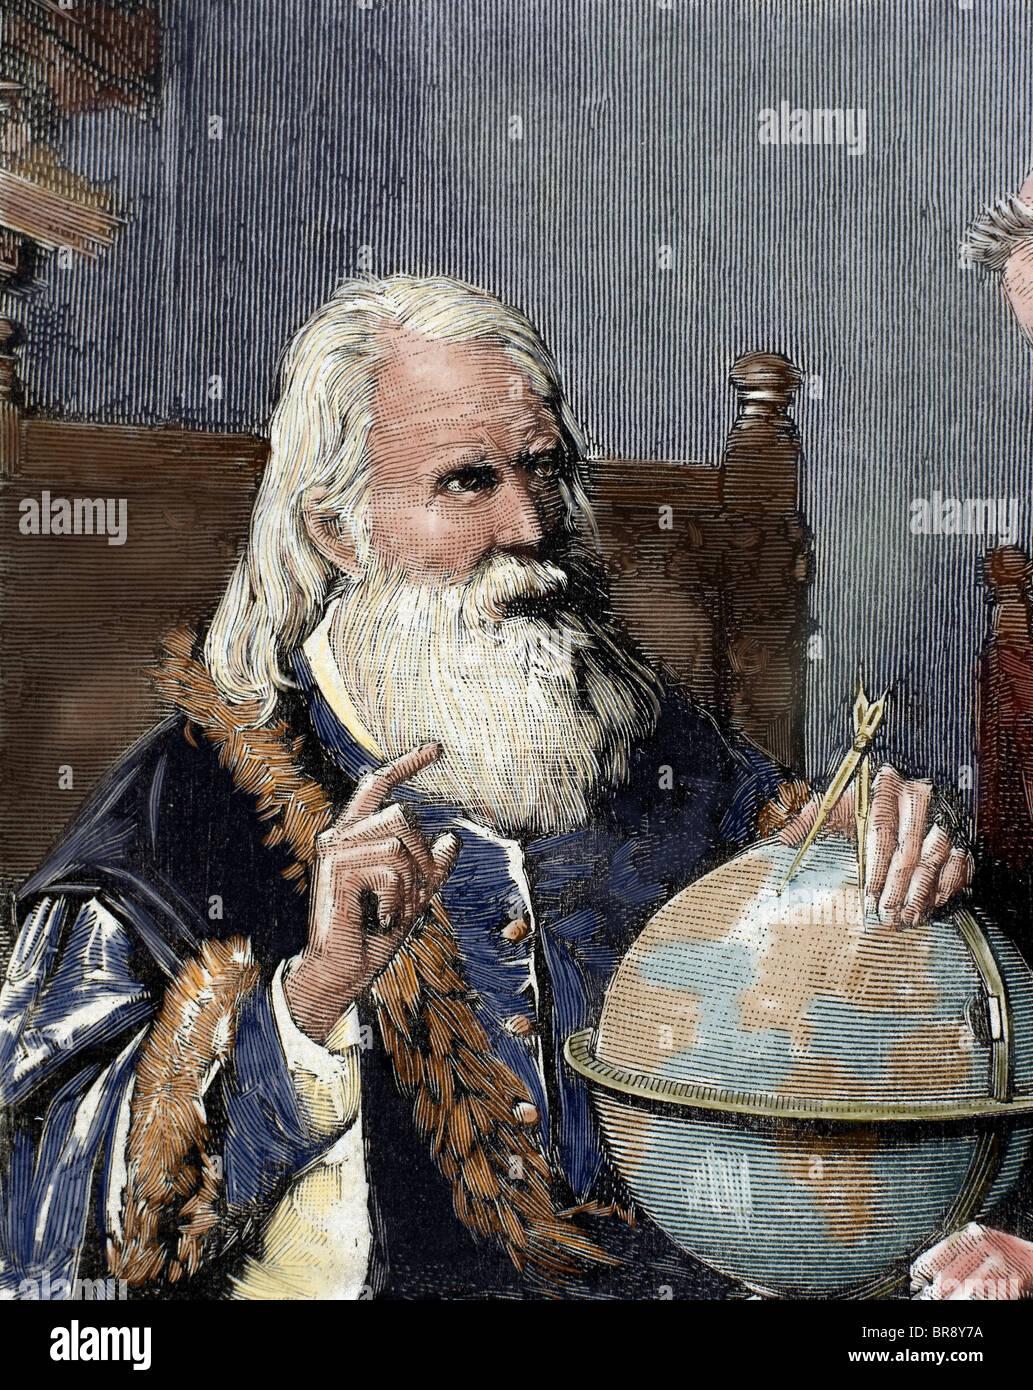 Galileo Galilei (1564-1642). Fisico italiano, matematico e astronomo. Galileo dimostrando la sua teorie astronomiche. Immagini Stock